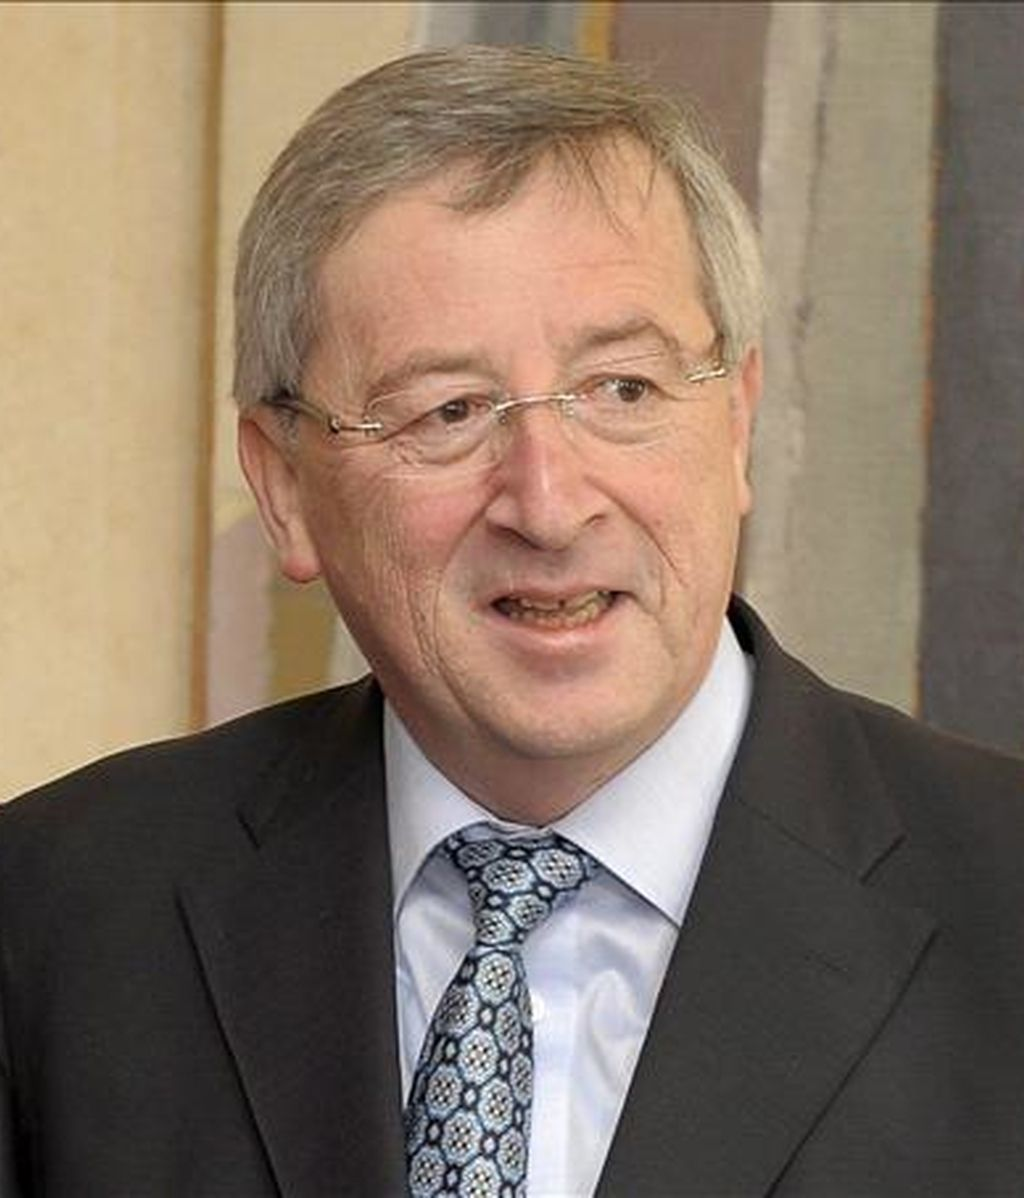 El primer ministro de Luxemburgo, Jean Claude Juncker. EFE/Archivo